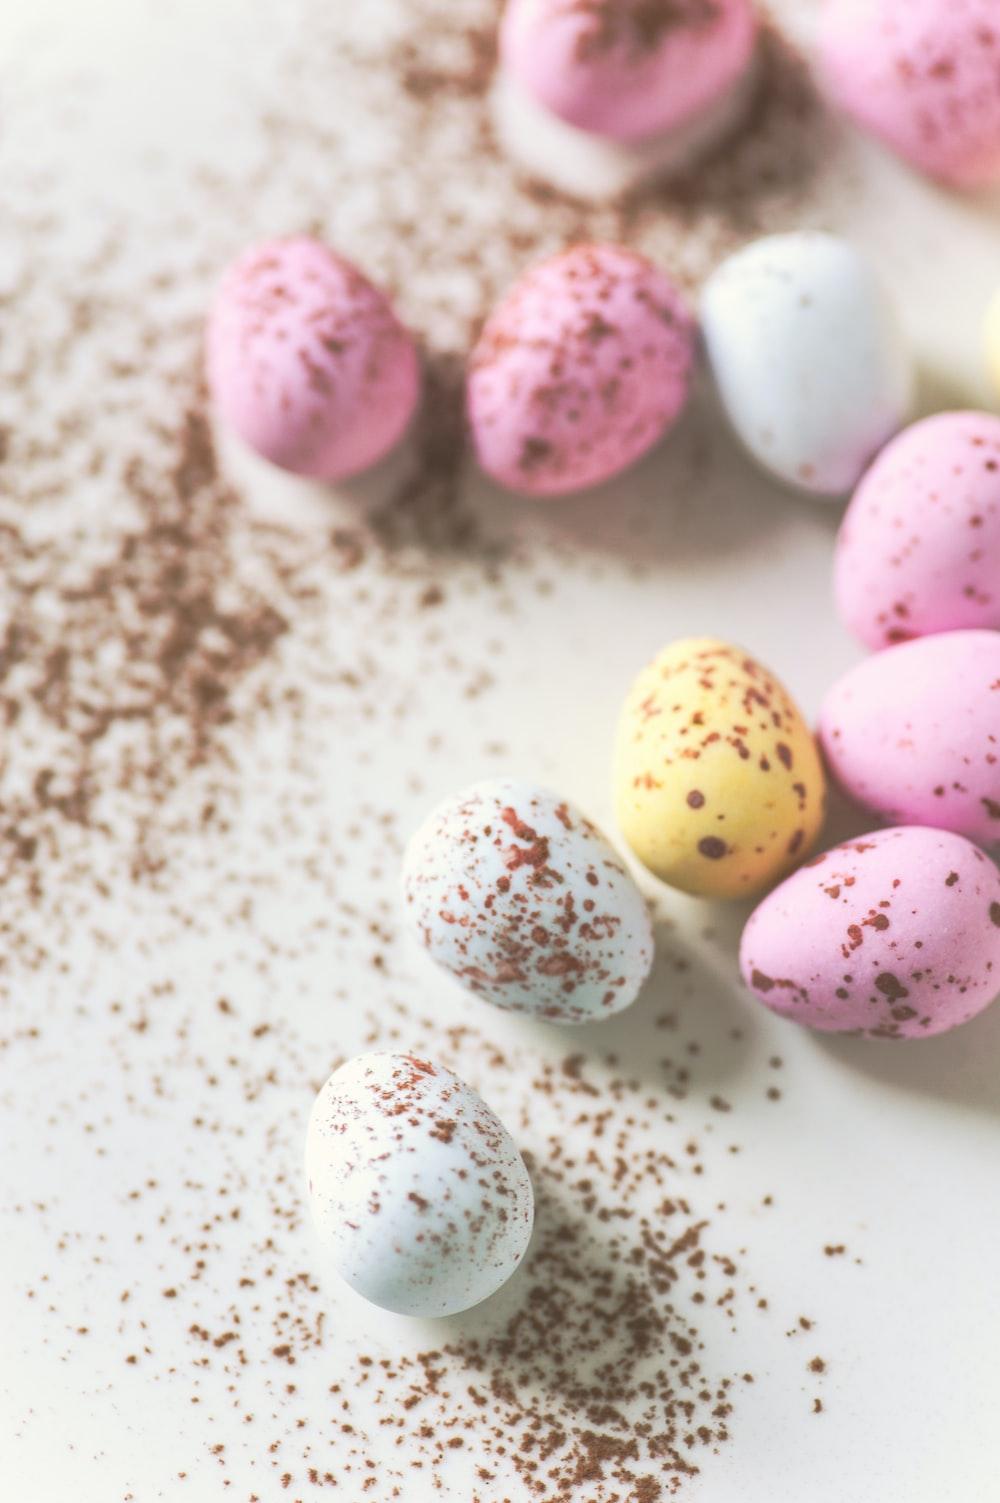 assorted-color quail eggs